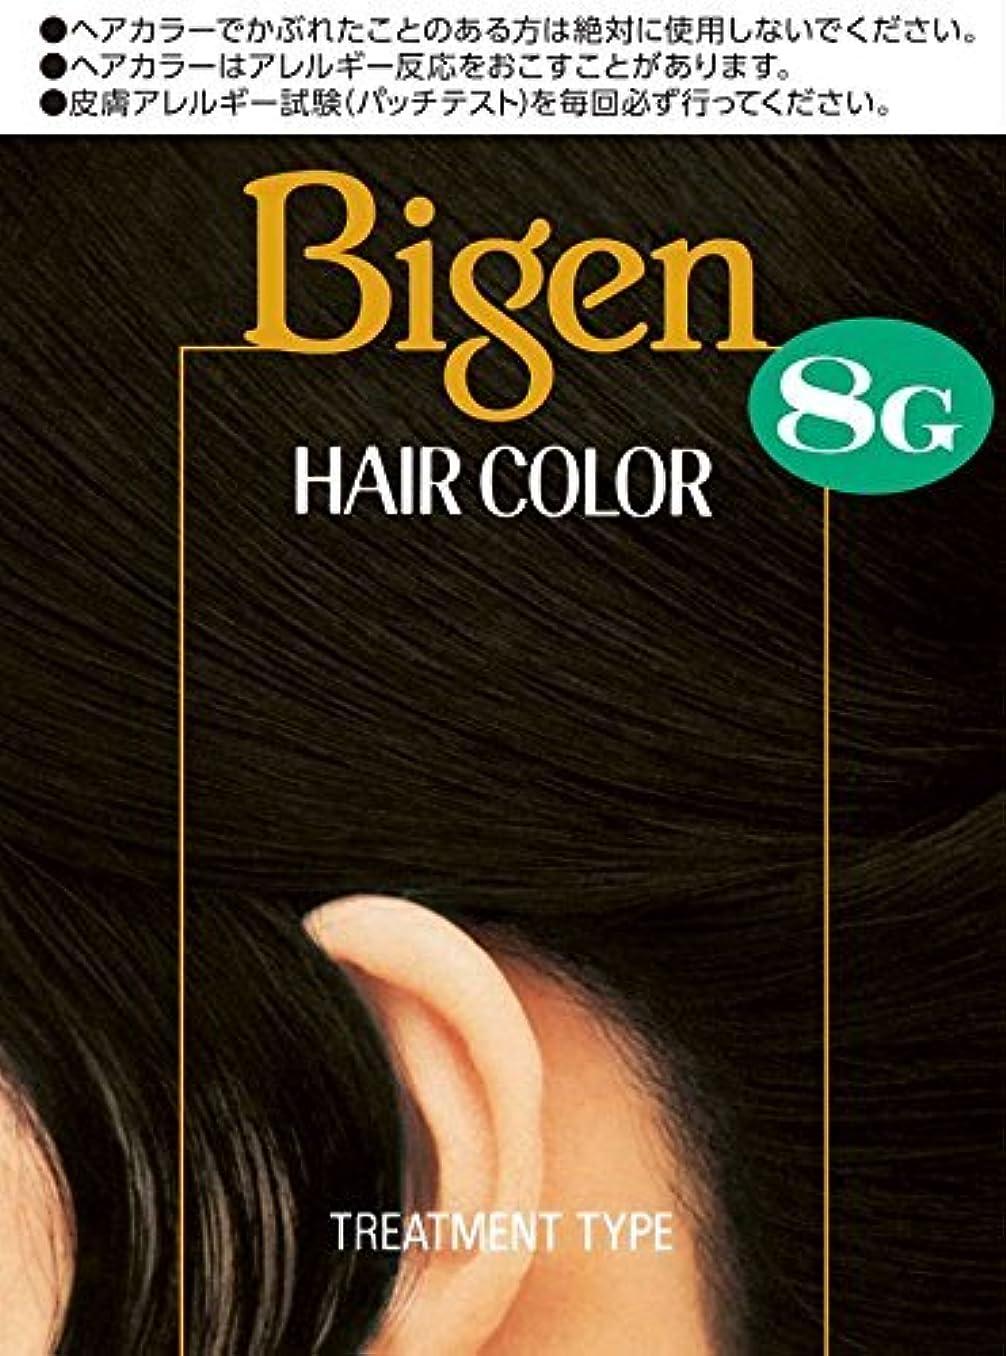 ペア批判するがんばり続けるホーユー ビゲン ヘアカラー 8G (自然な黒色) 40mL+40mL ×6個